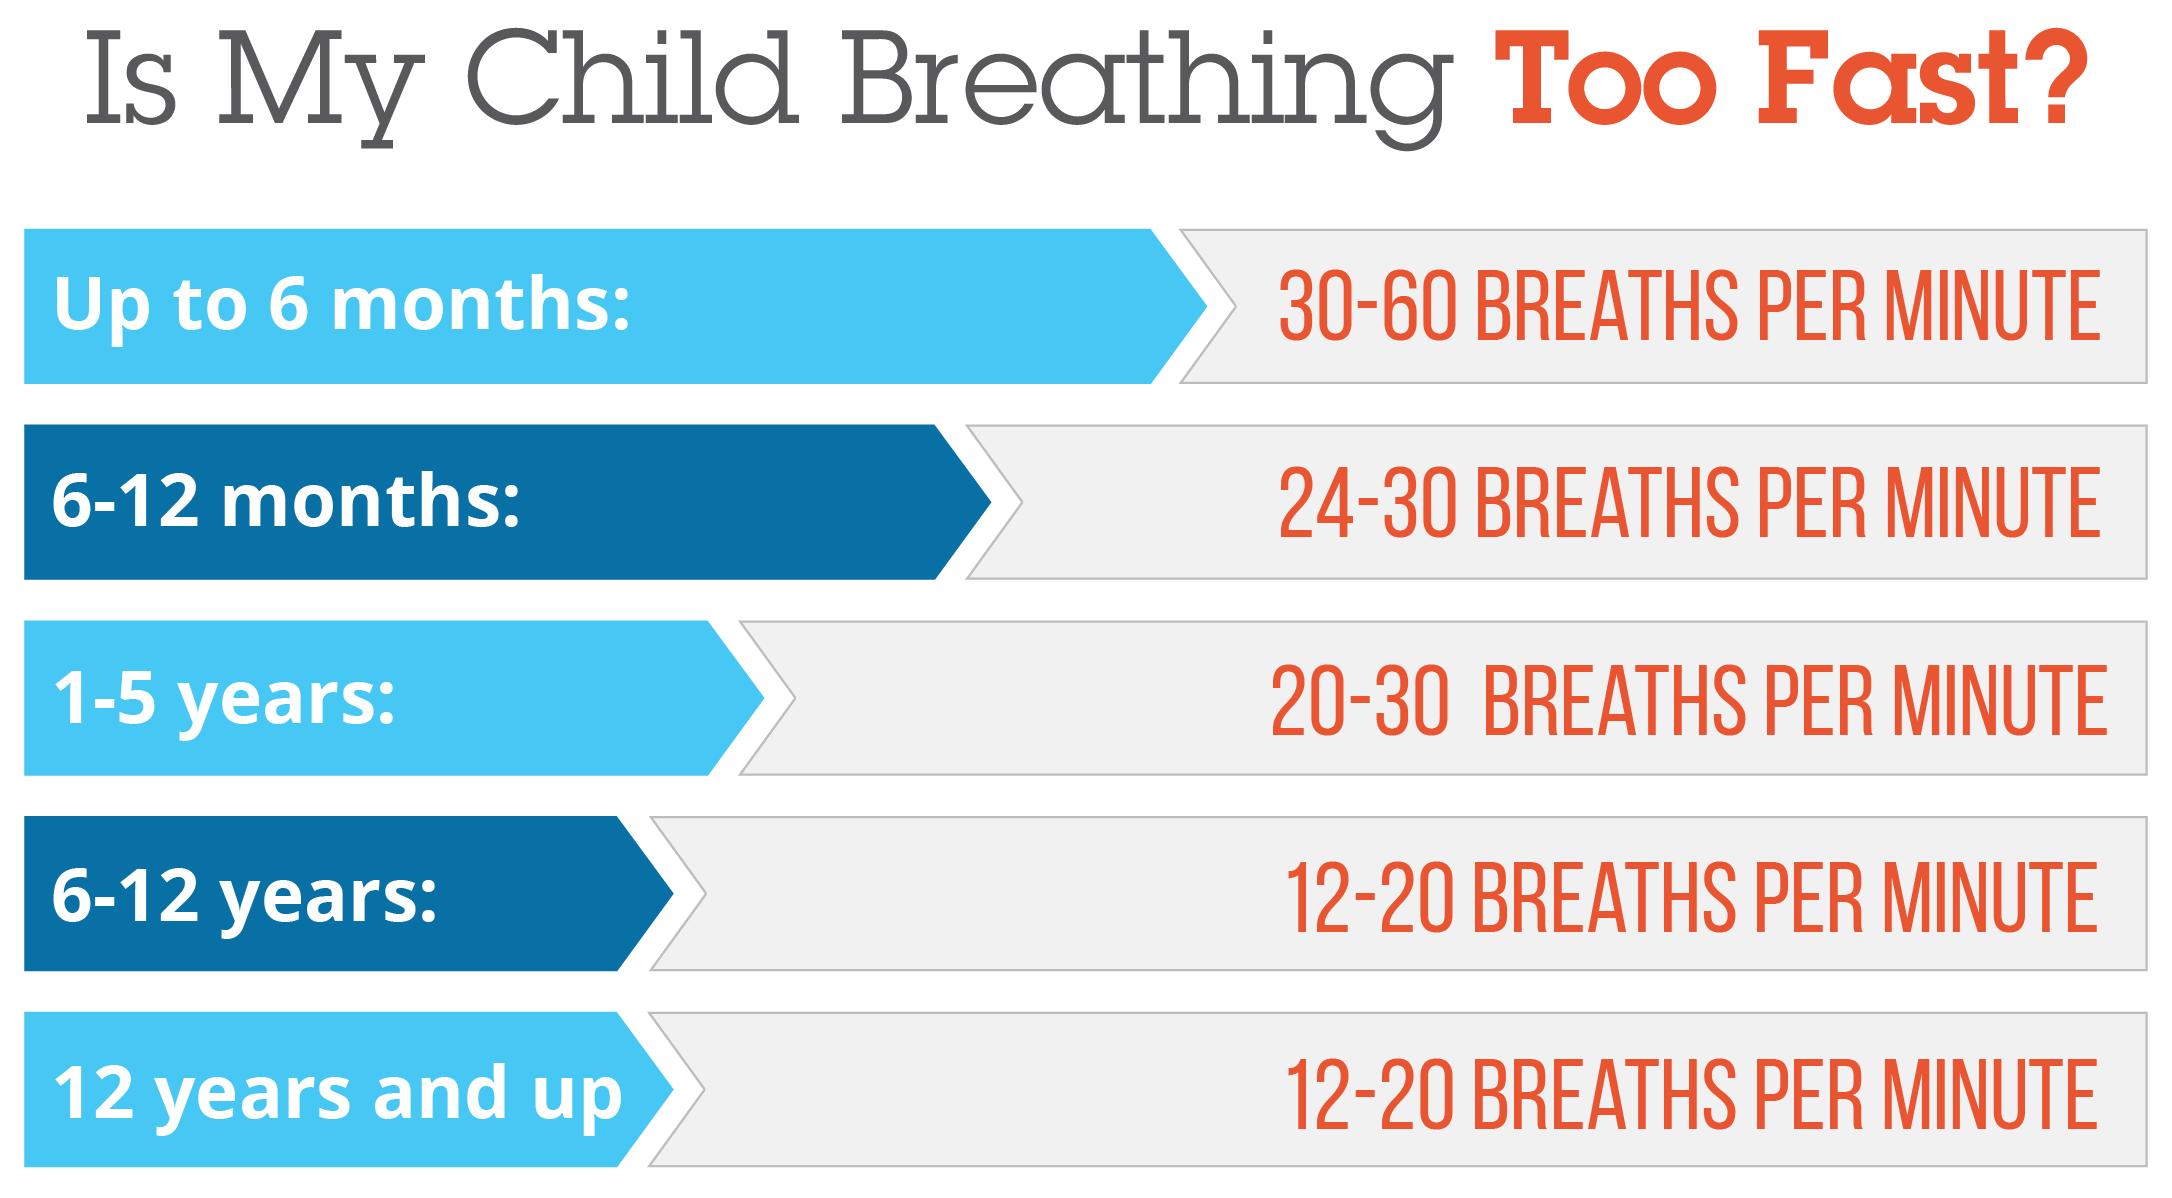 سرعة التنفس عند الأطفال حديثي الولادة - معدل التنفس الطبيعي عند الأطفال حديثي الولادة